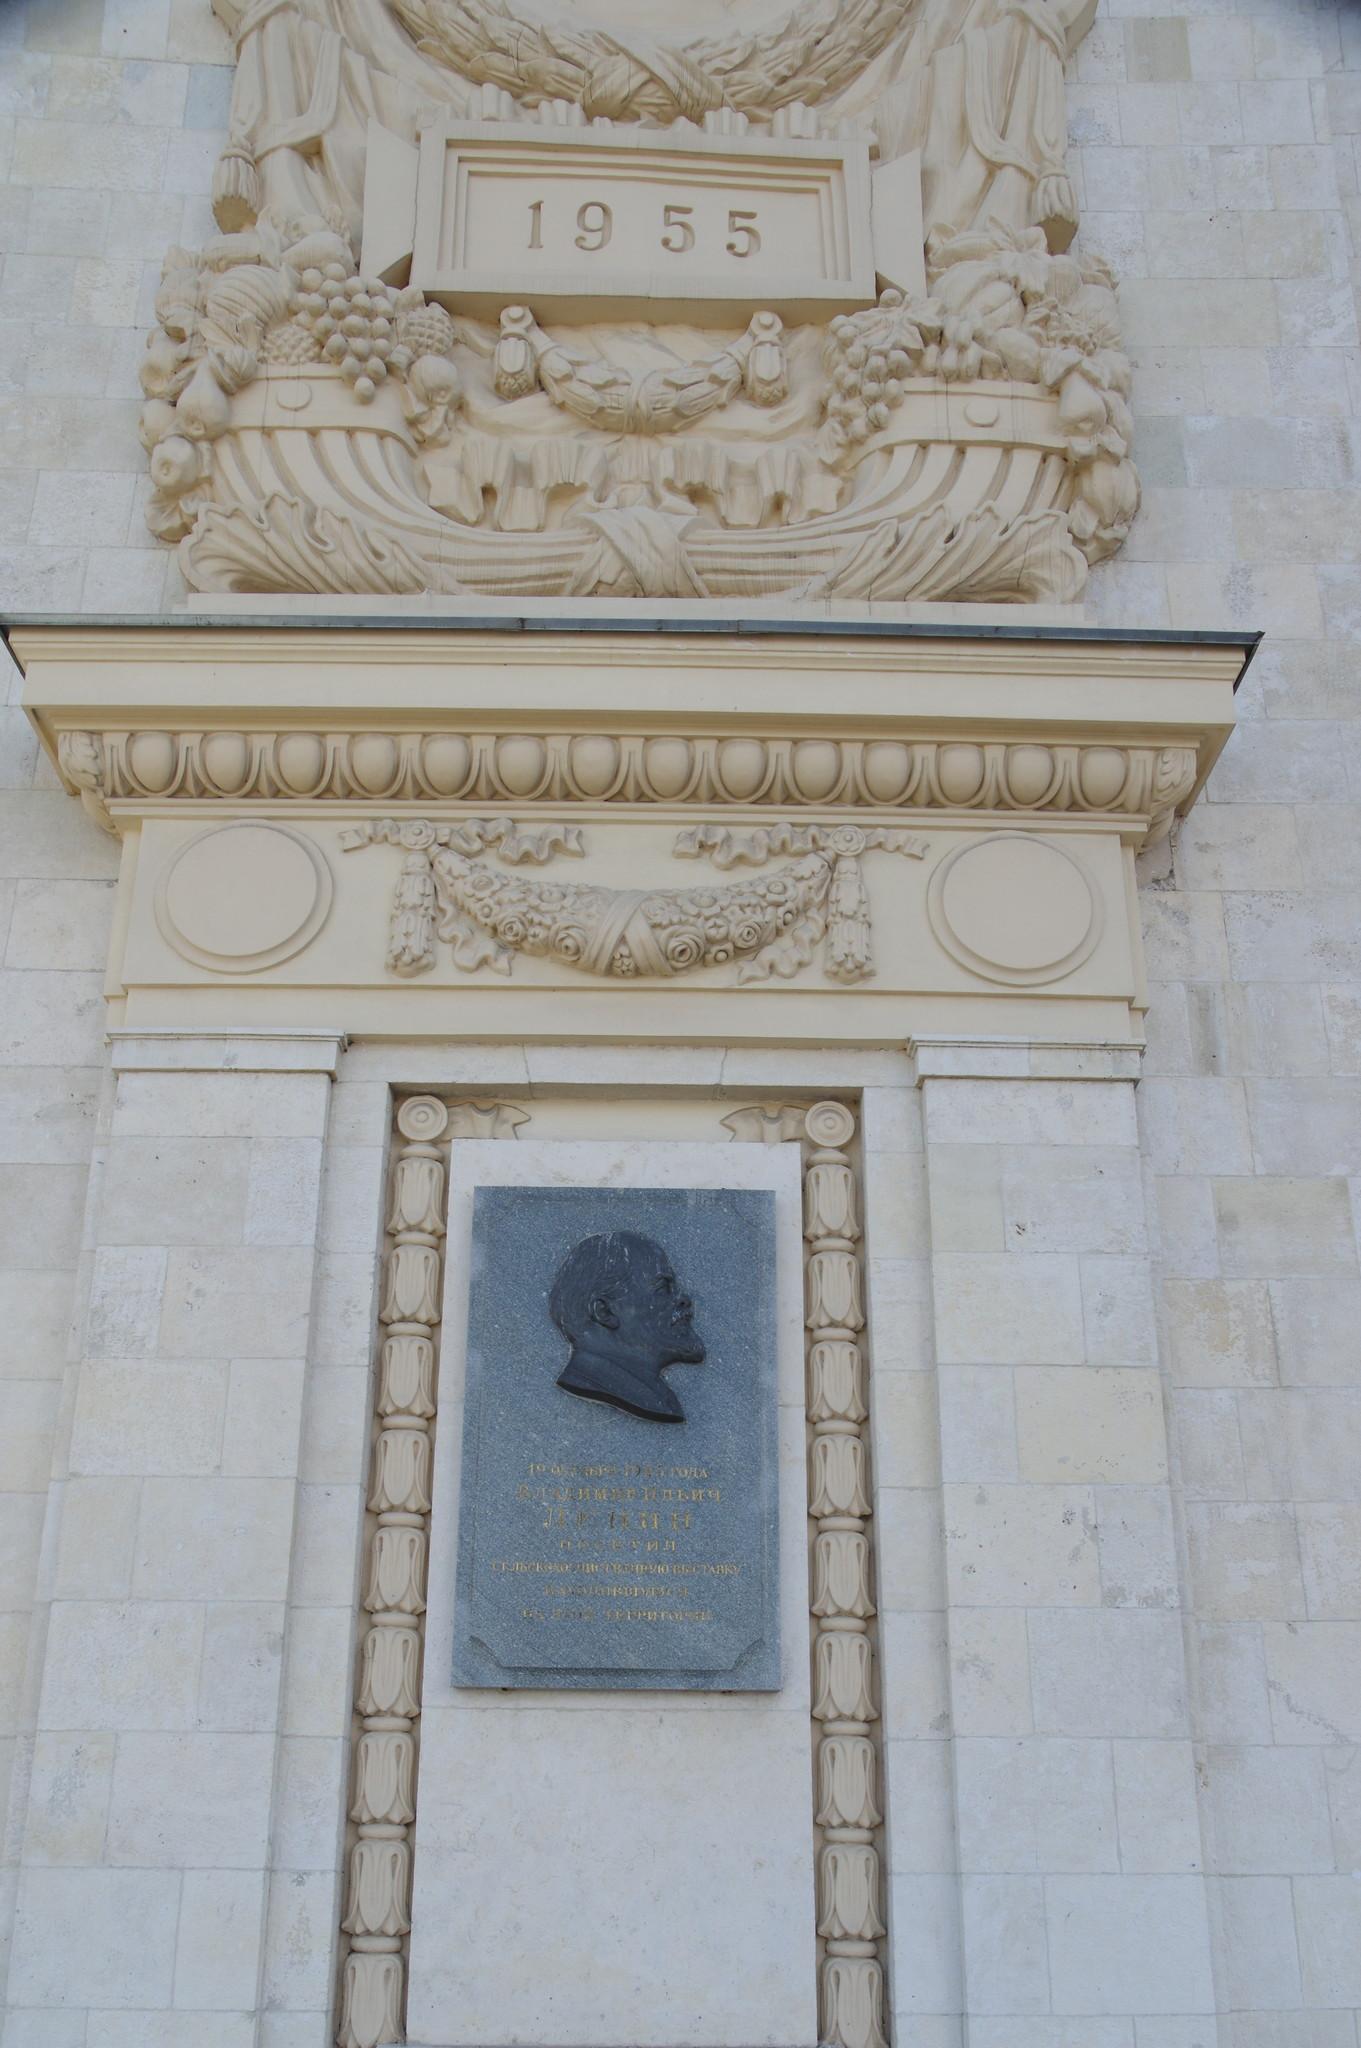 19 октября 1923 года Владимир Ильич Ленин посетил Сельскохозяйственную выставку находившуюся на этой территории